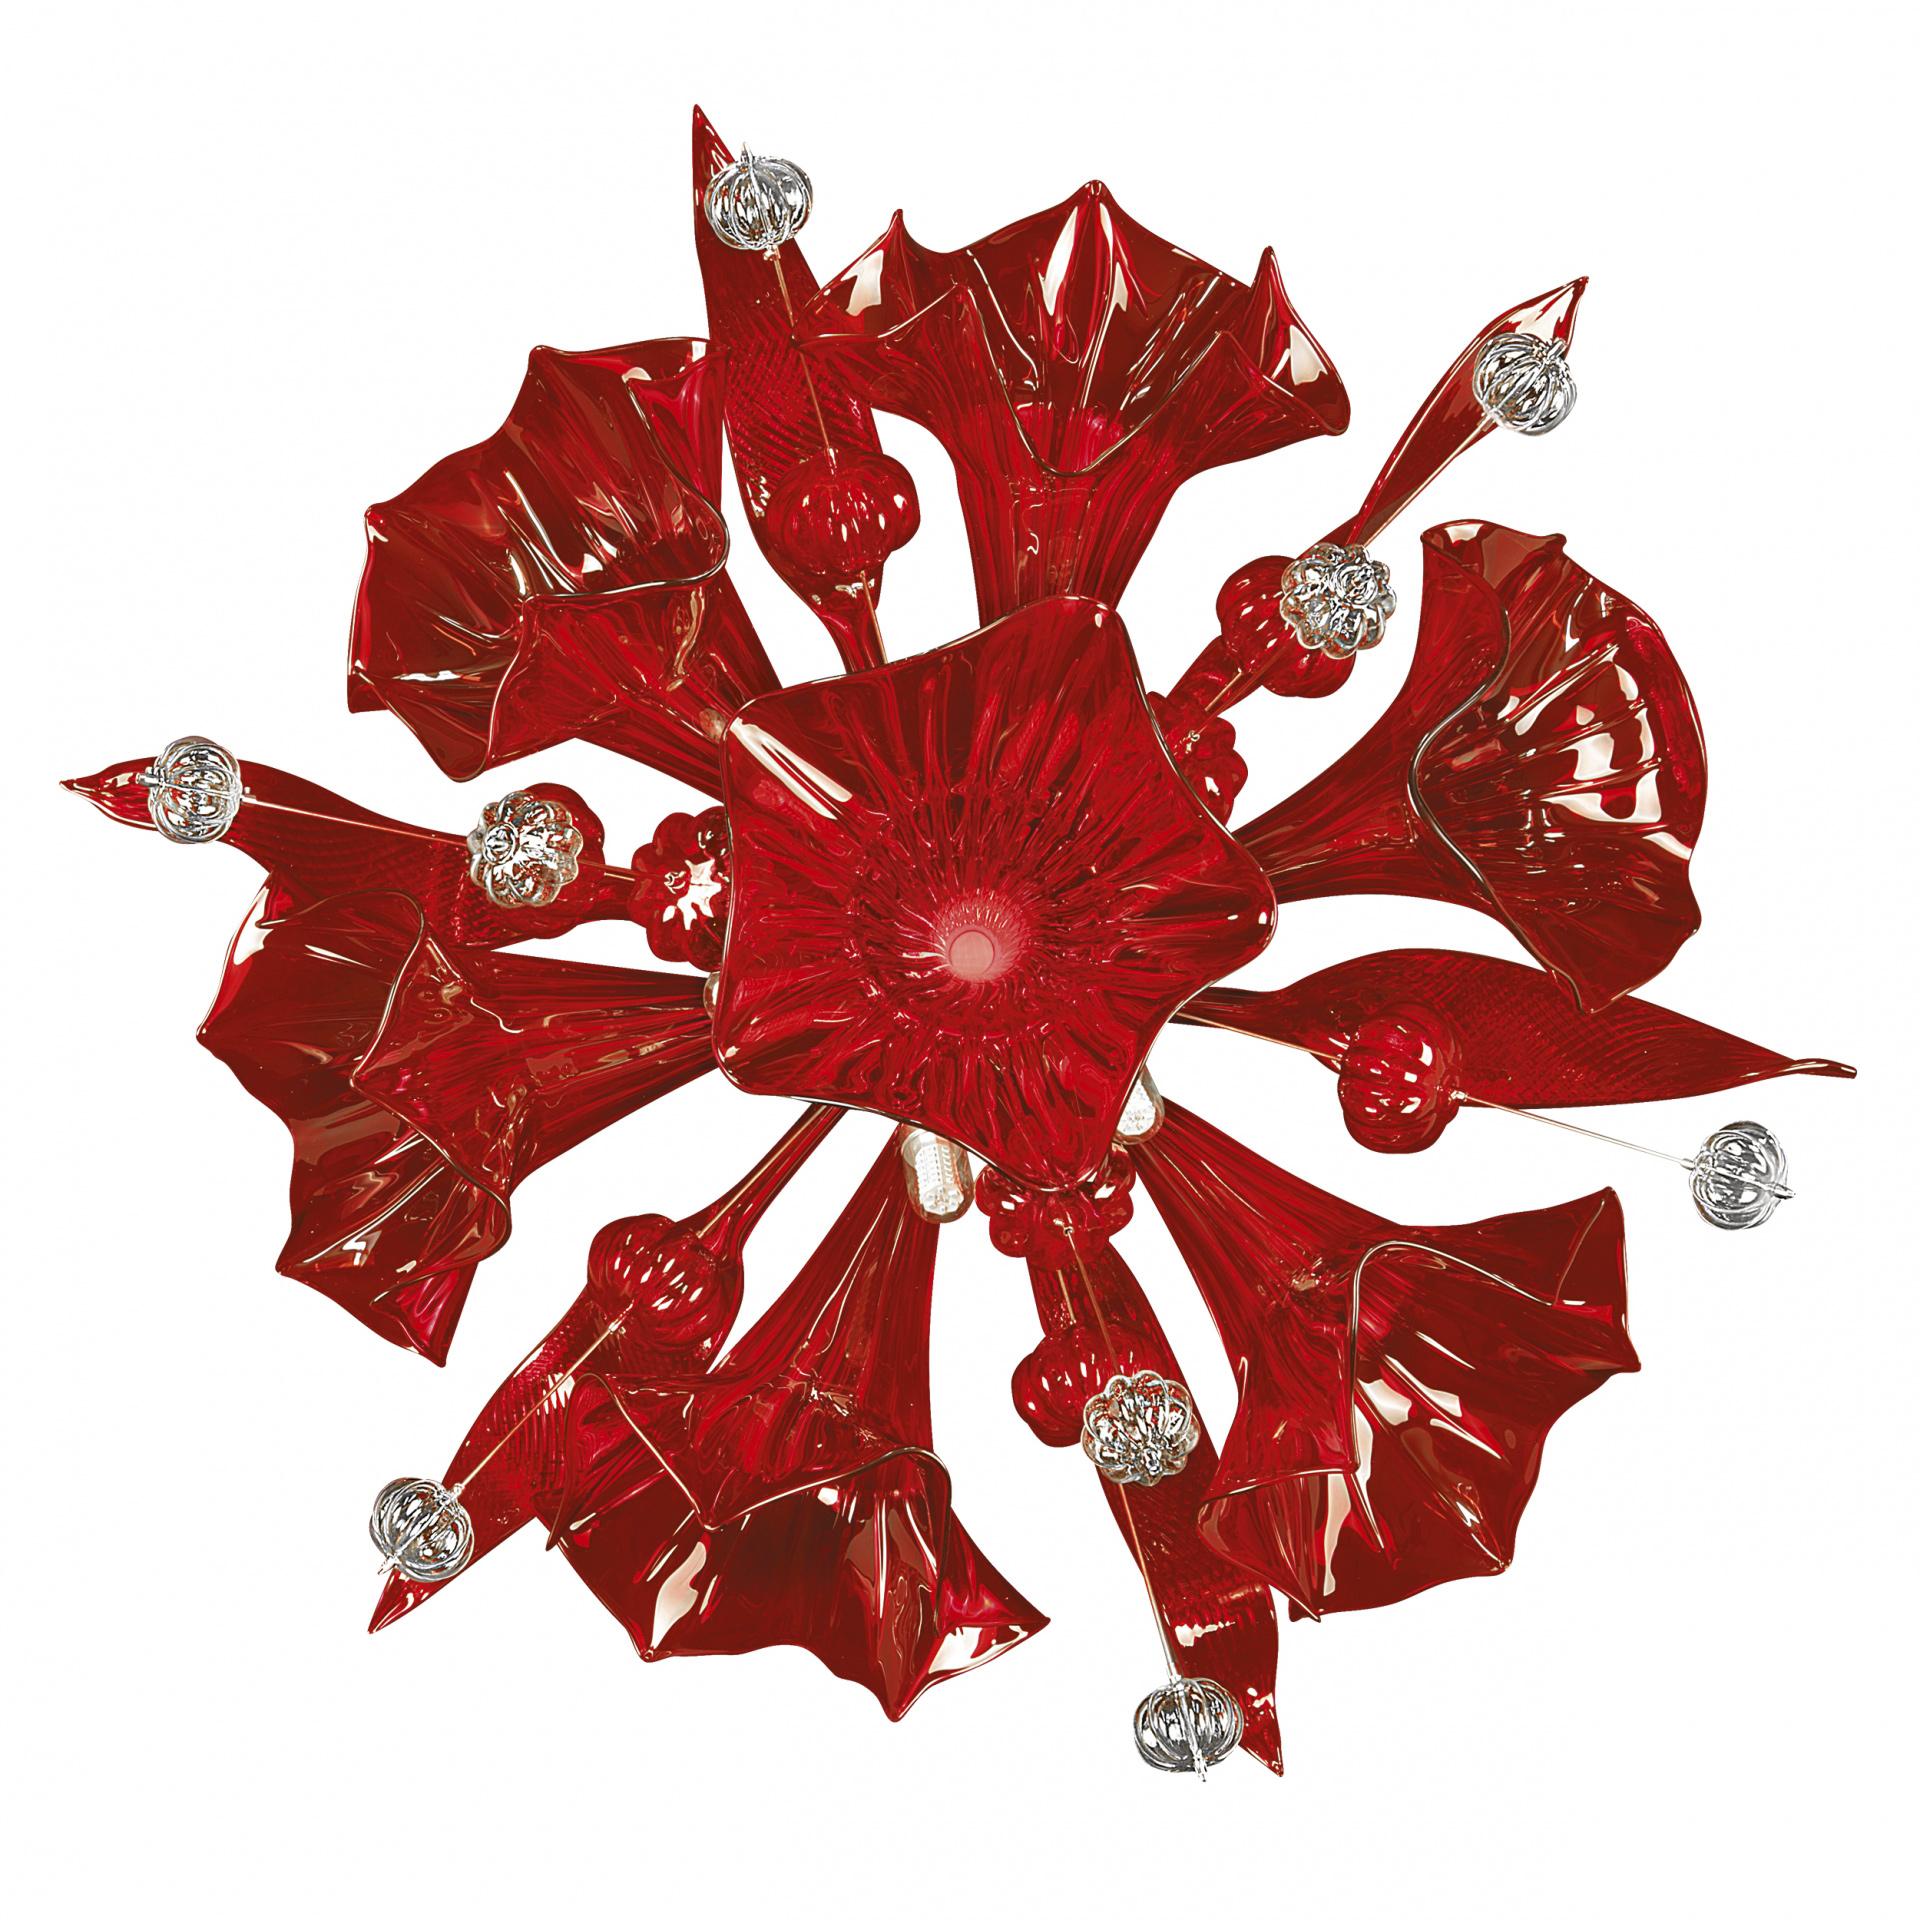 Бра Celesta 6х6W (Led) G9 red Lightstar 893622, купить в СПб, Москве, с доставкой, Санкт-Петербург, интернет-магазин люстр и светильников Starlight, фото в жизни